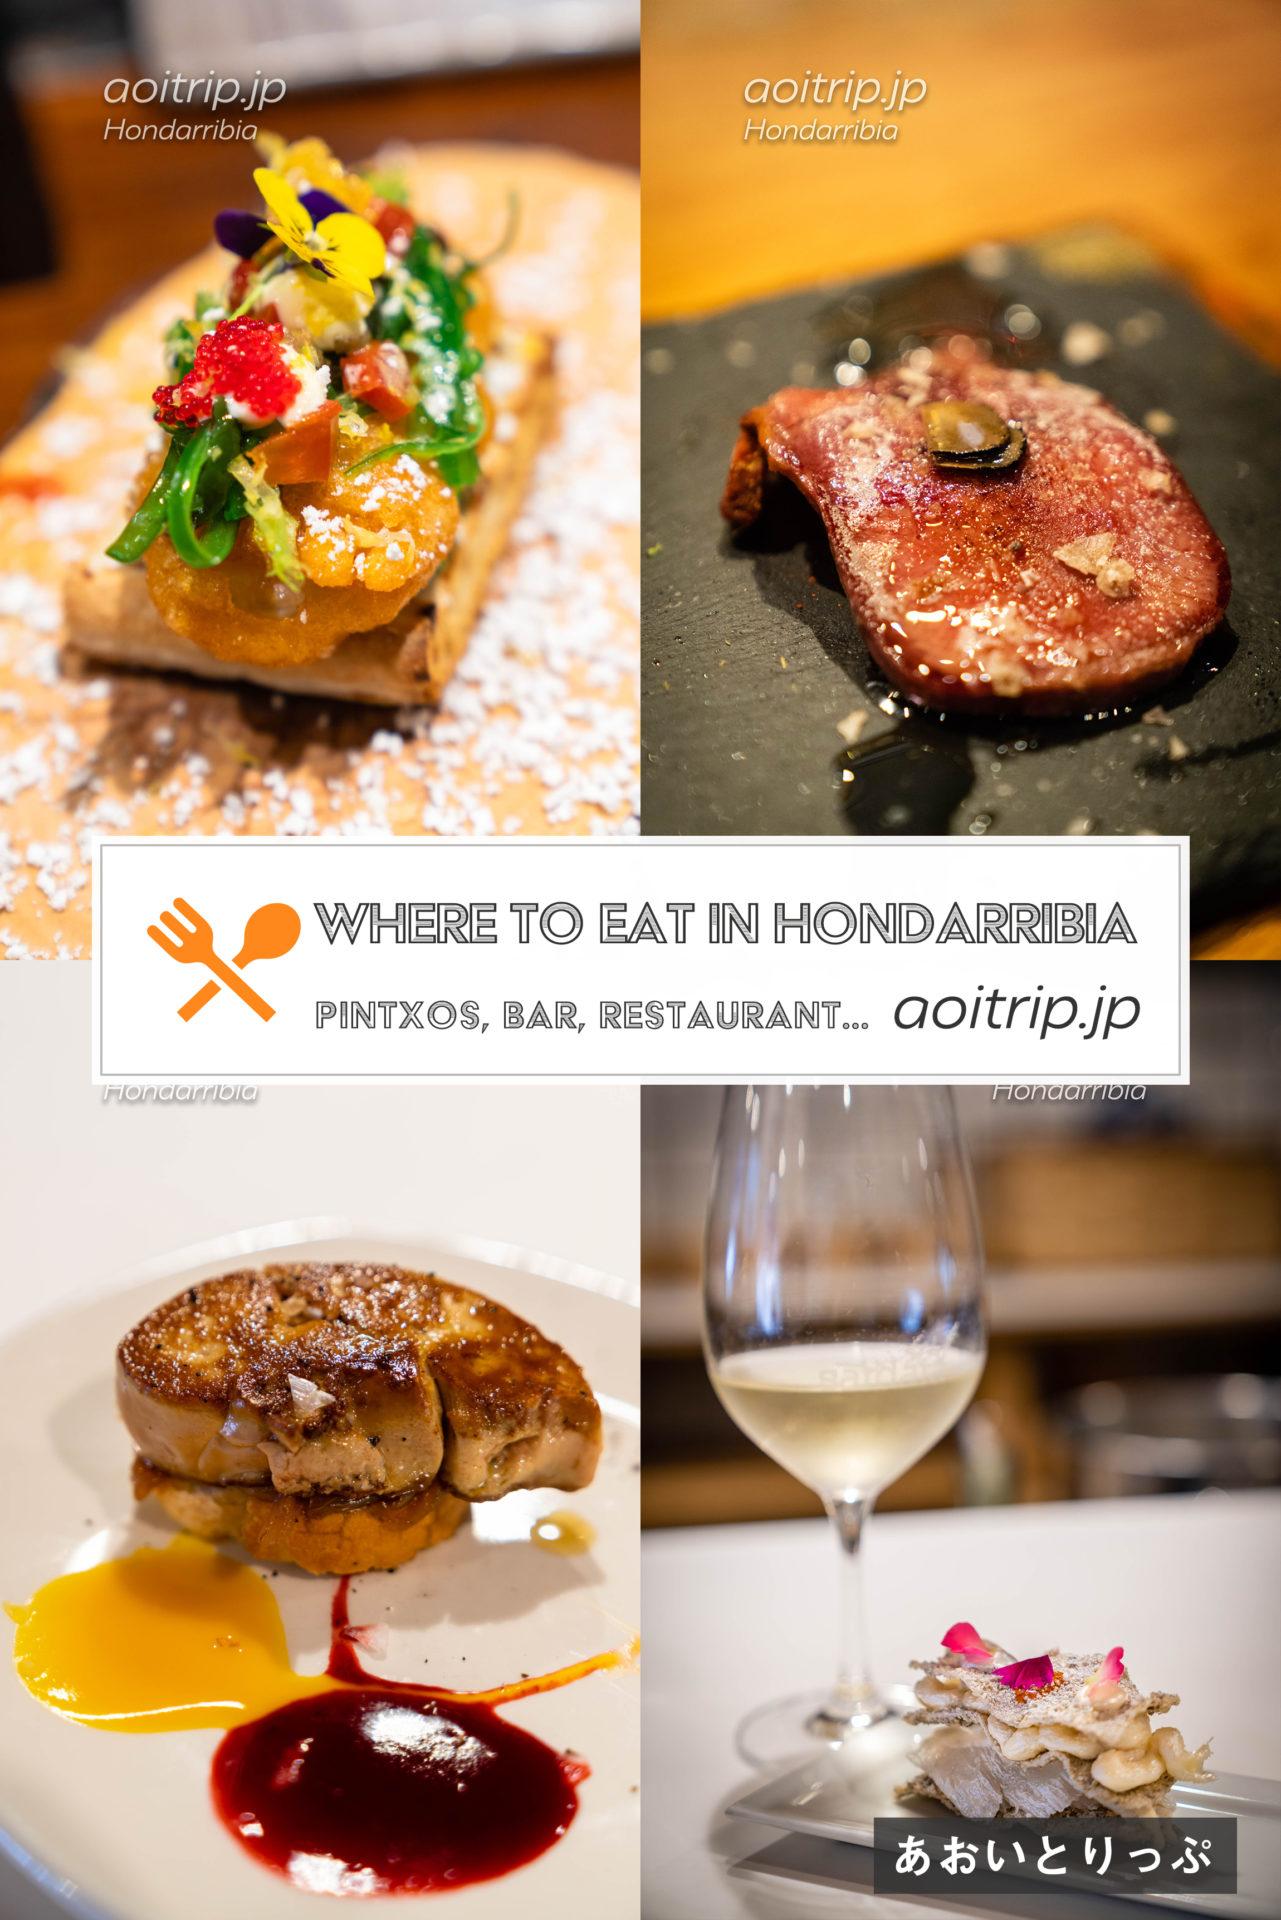 オンダリビアで食べた美味しいグルメ バル・レストラン|Where To Eat In Hondarribia(スペイン)